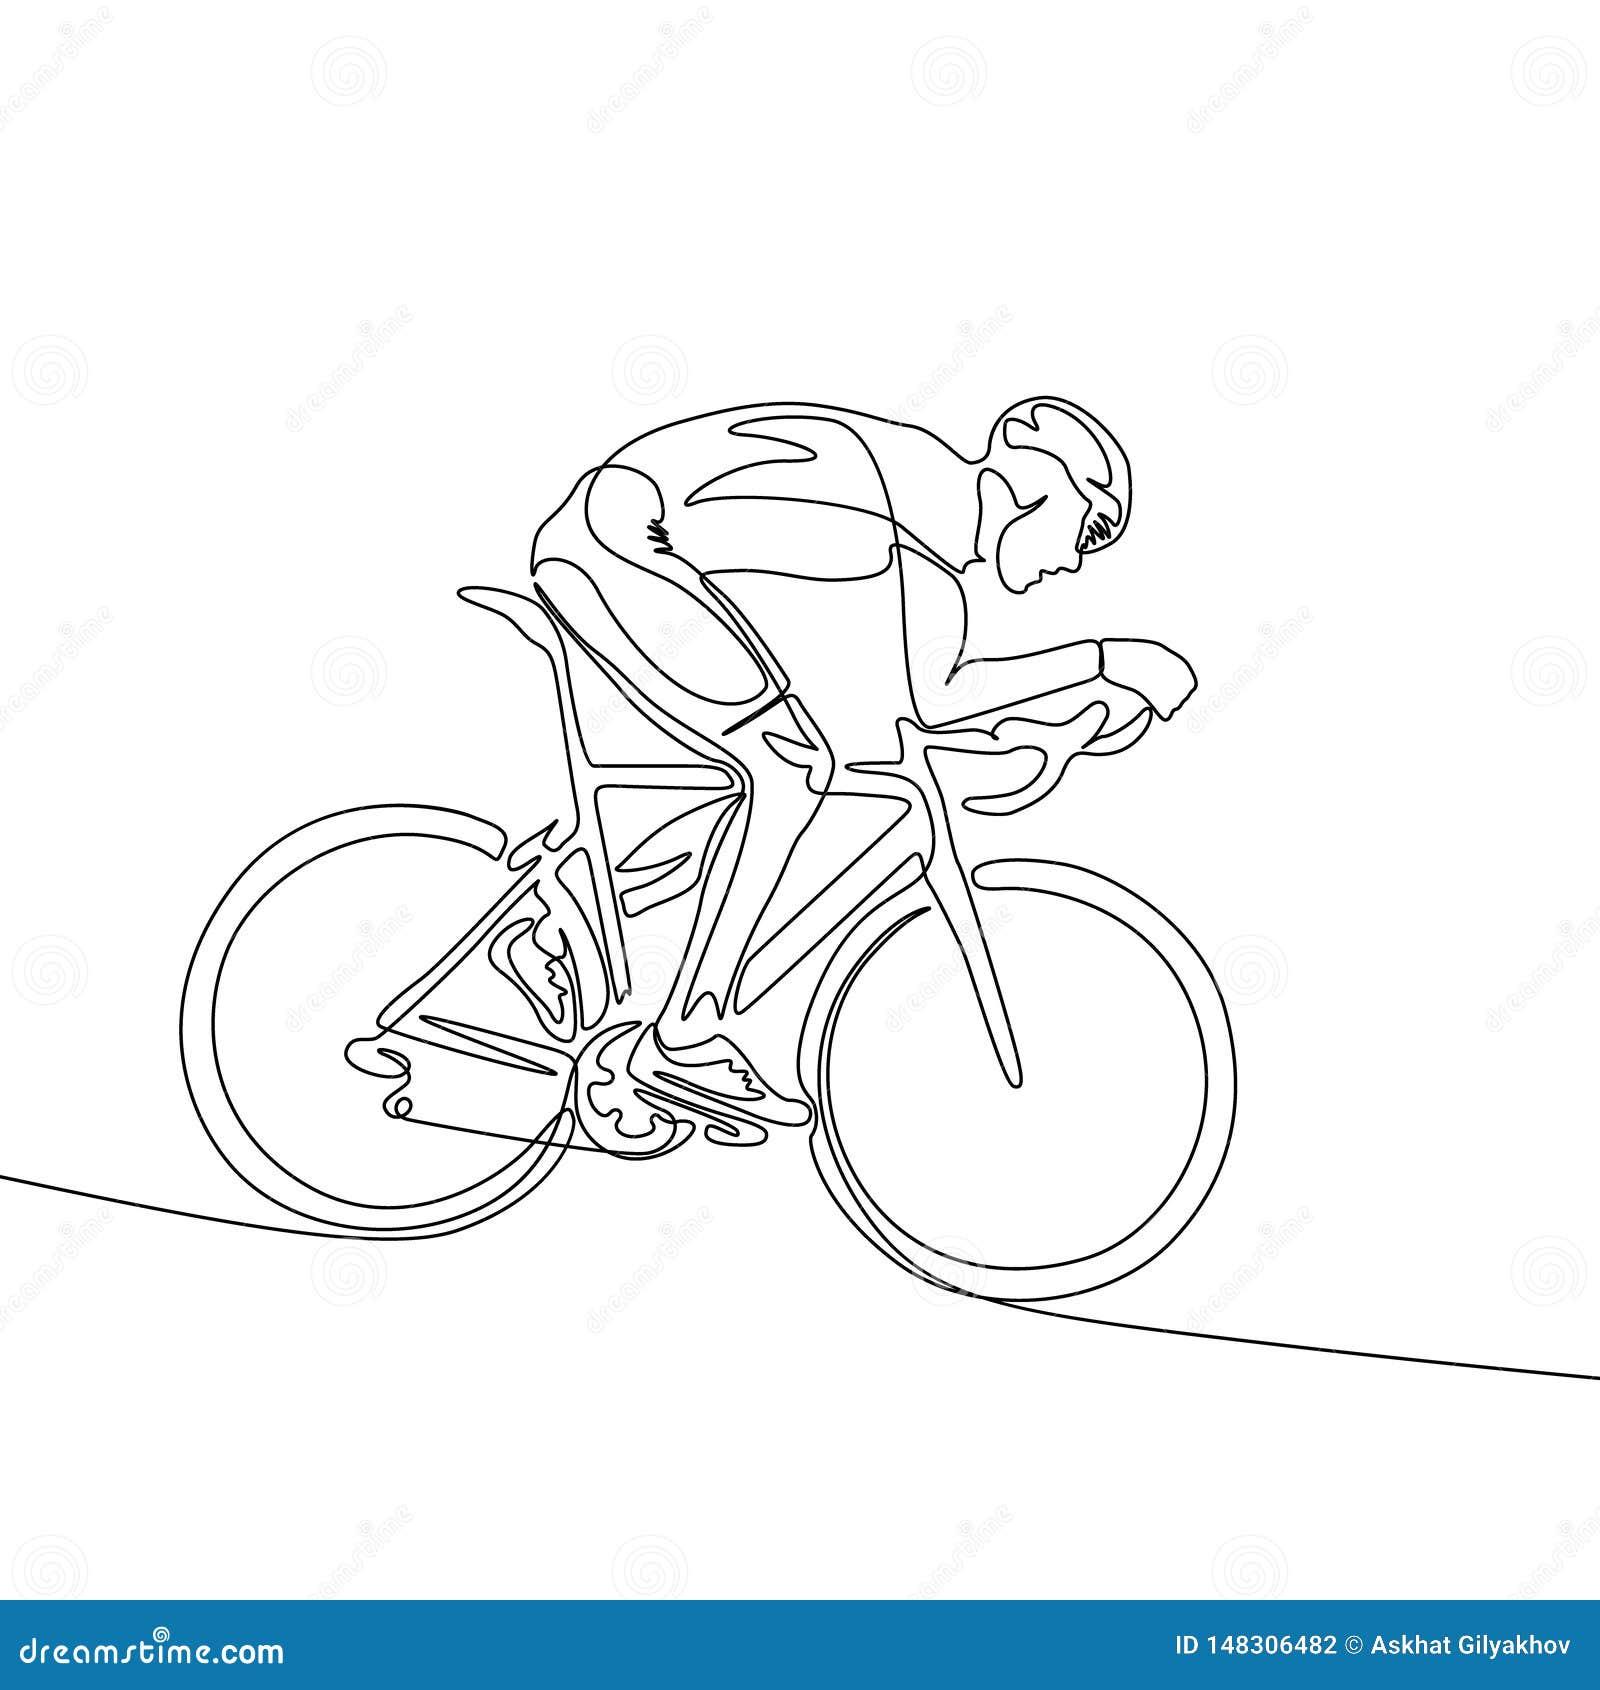 Uma linha contínua ciclista no capacete que monta uma bicicleta abaixo da inclinação